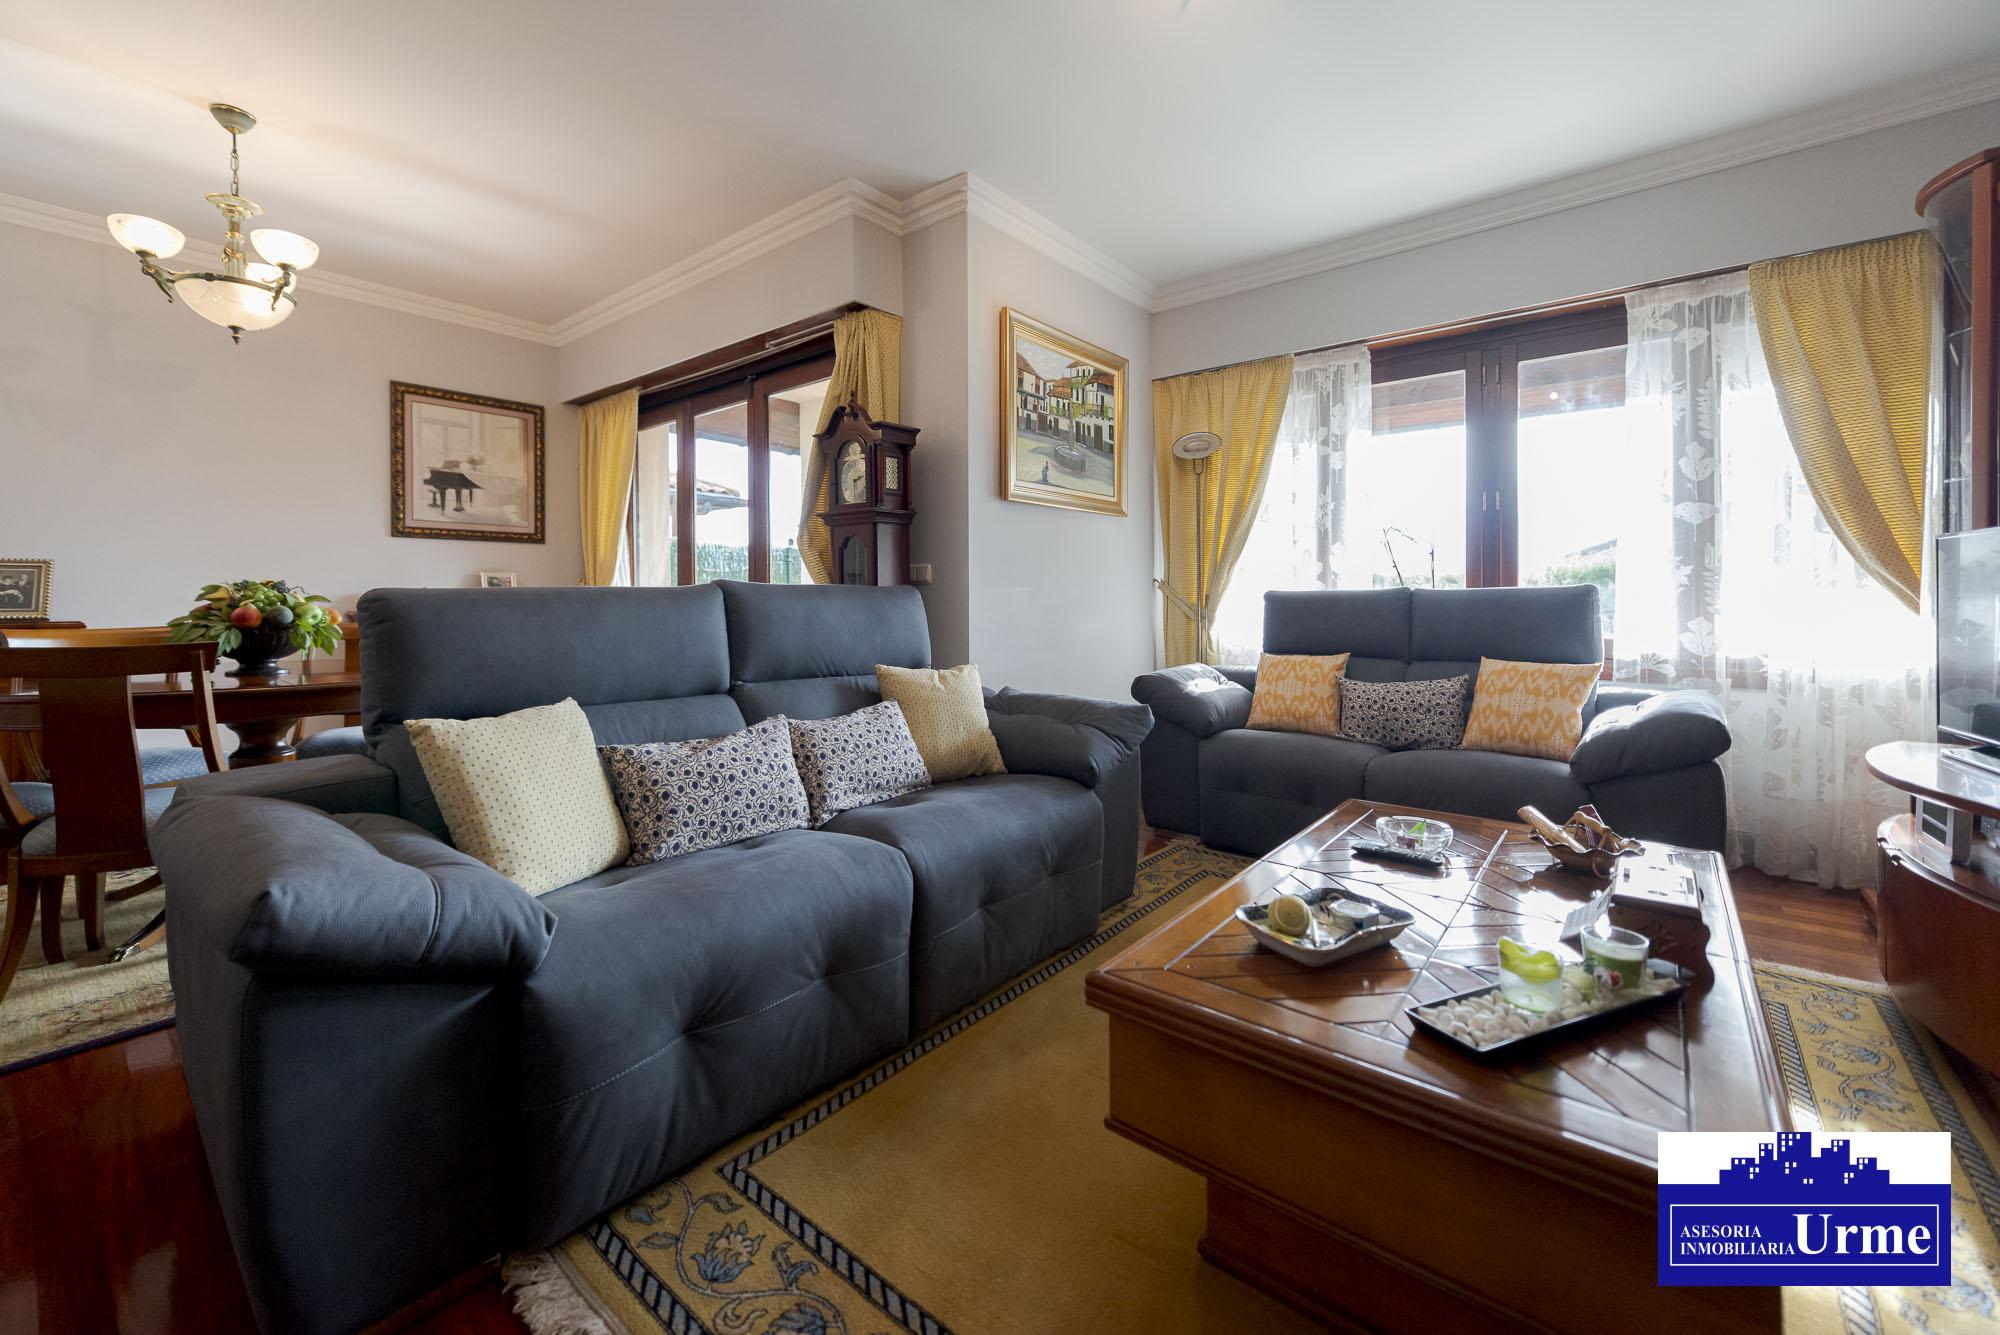 Tu villa bi-familiar en Puiana, 200m2 en Excelente estado.Terraza y jardin.Garaje para 3 coches.Informate en nuestras oficinas!!!